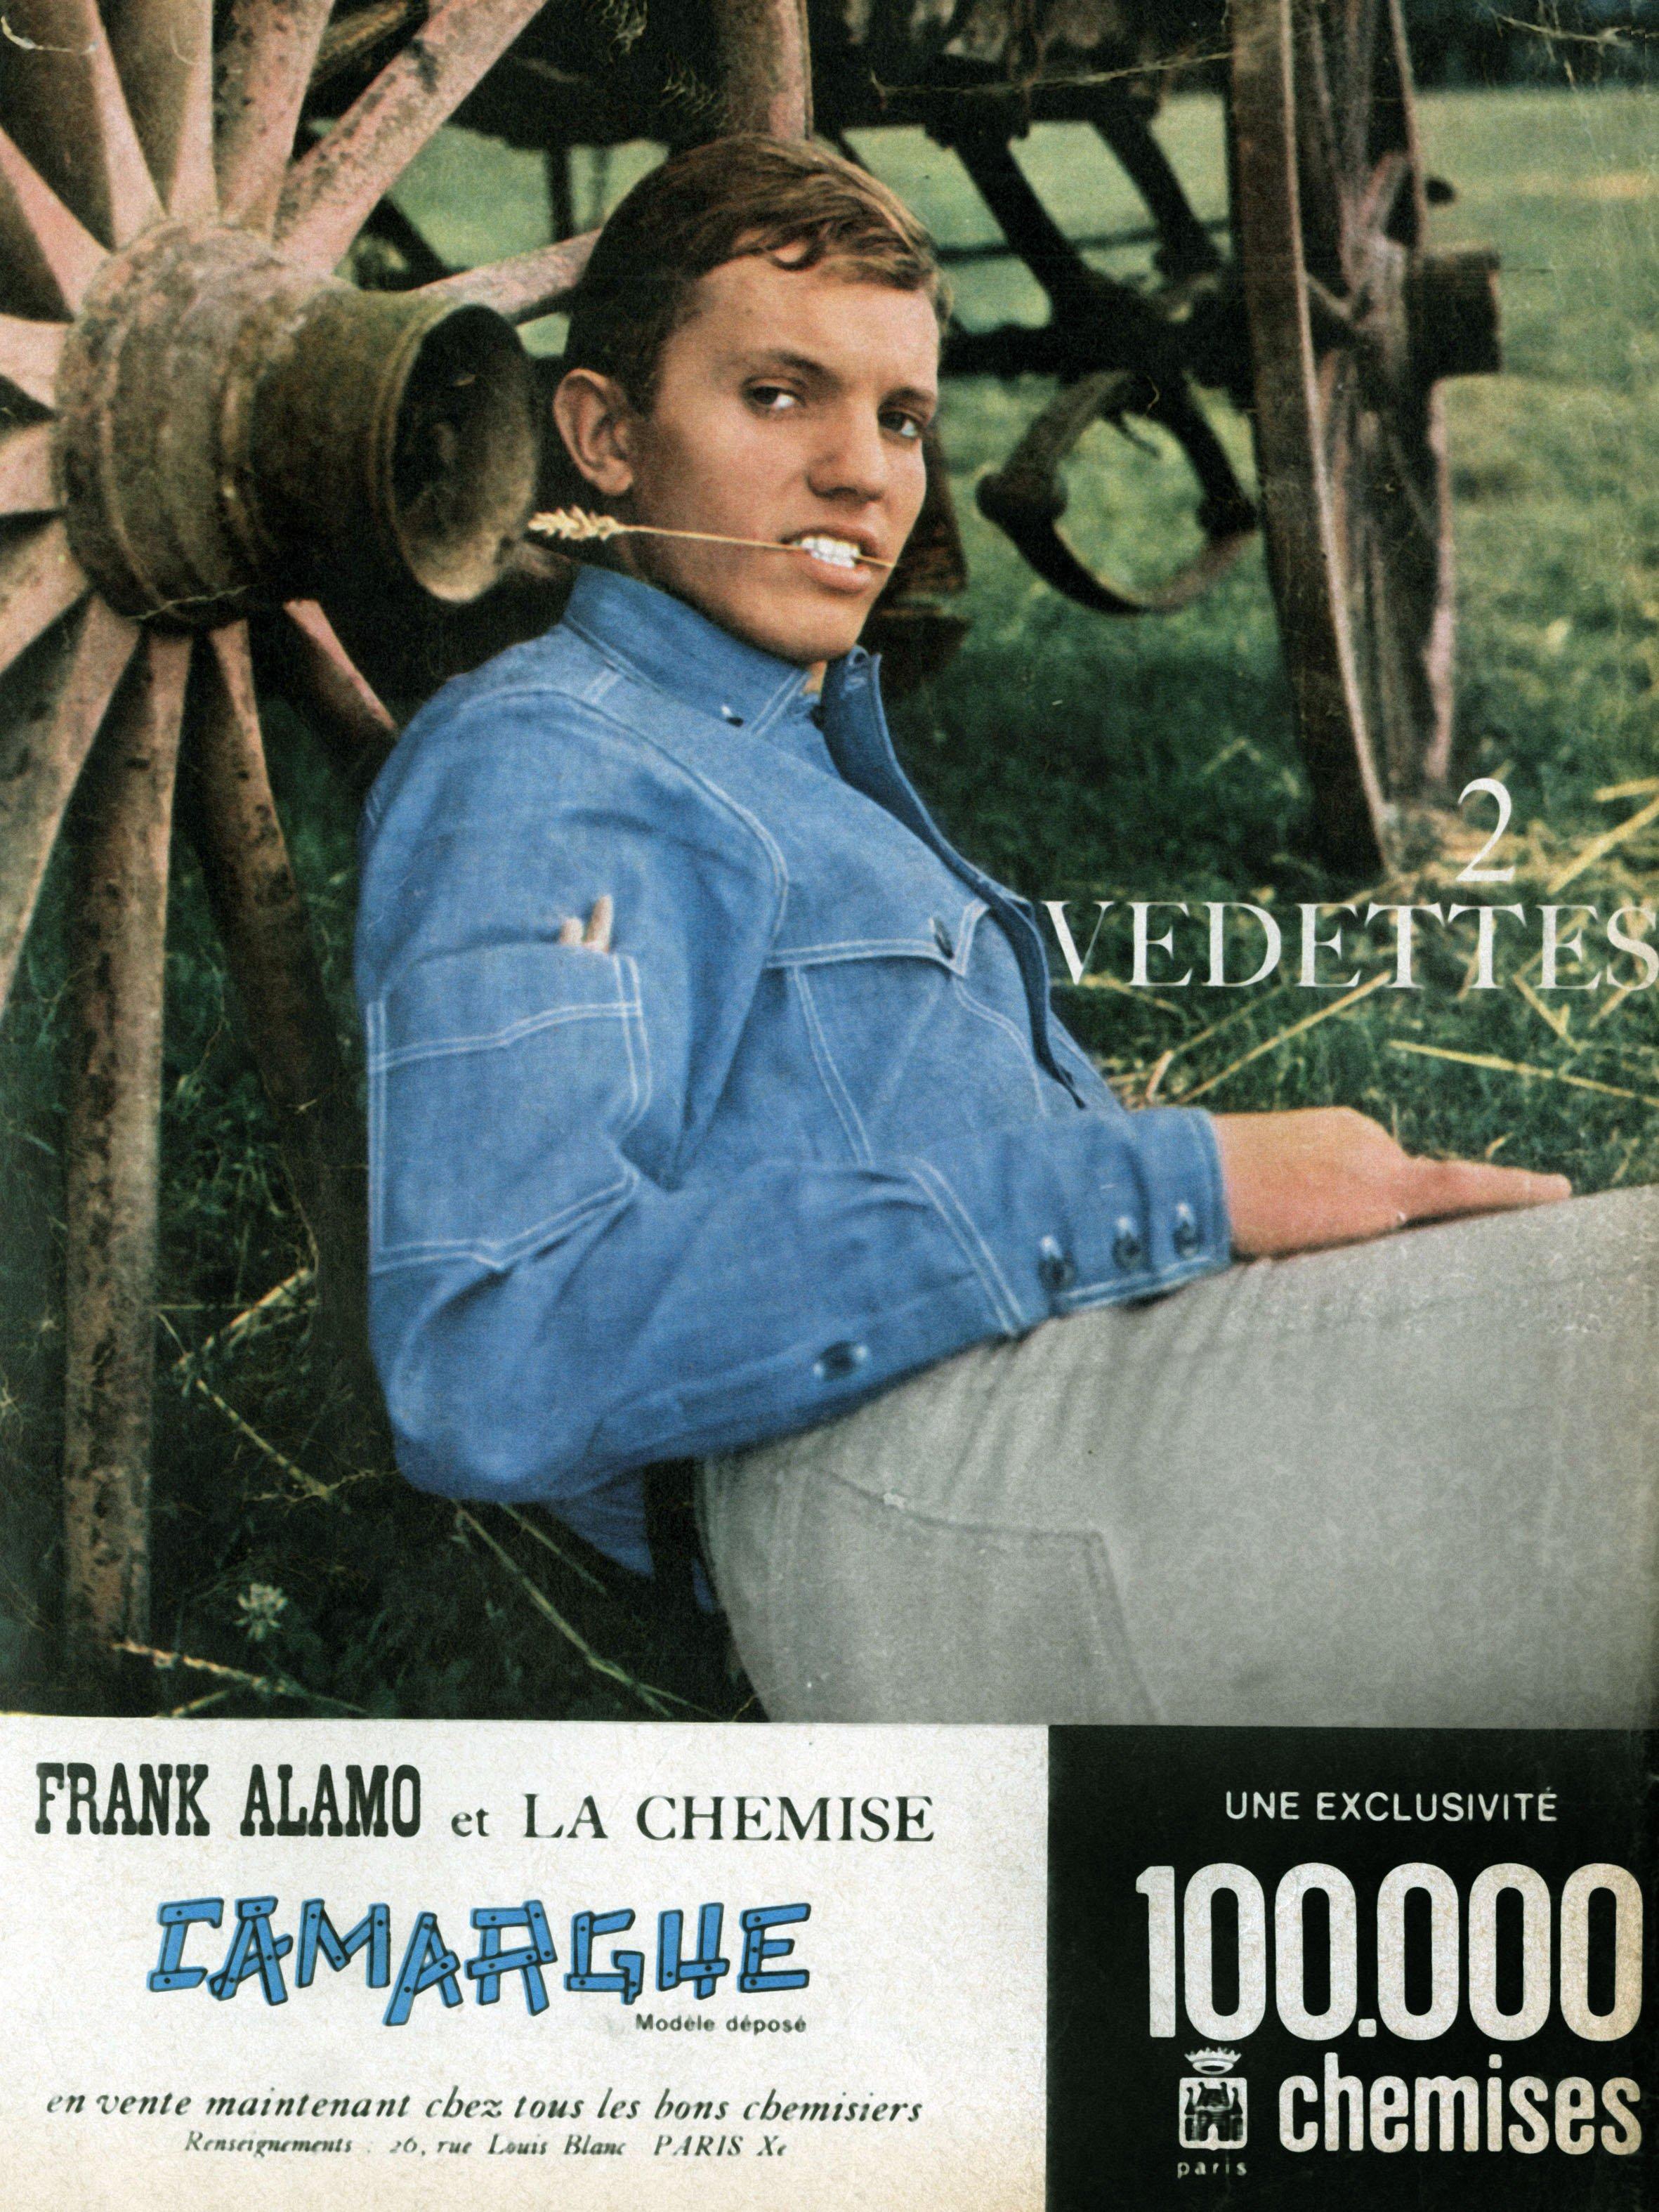 """Le chanteur français Frank Alamo dans une publicité pour des chemises """"Camargue""""   Photo   : Getty Images"""